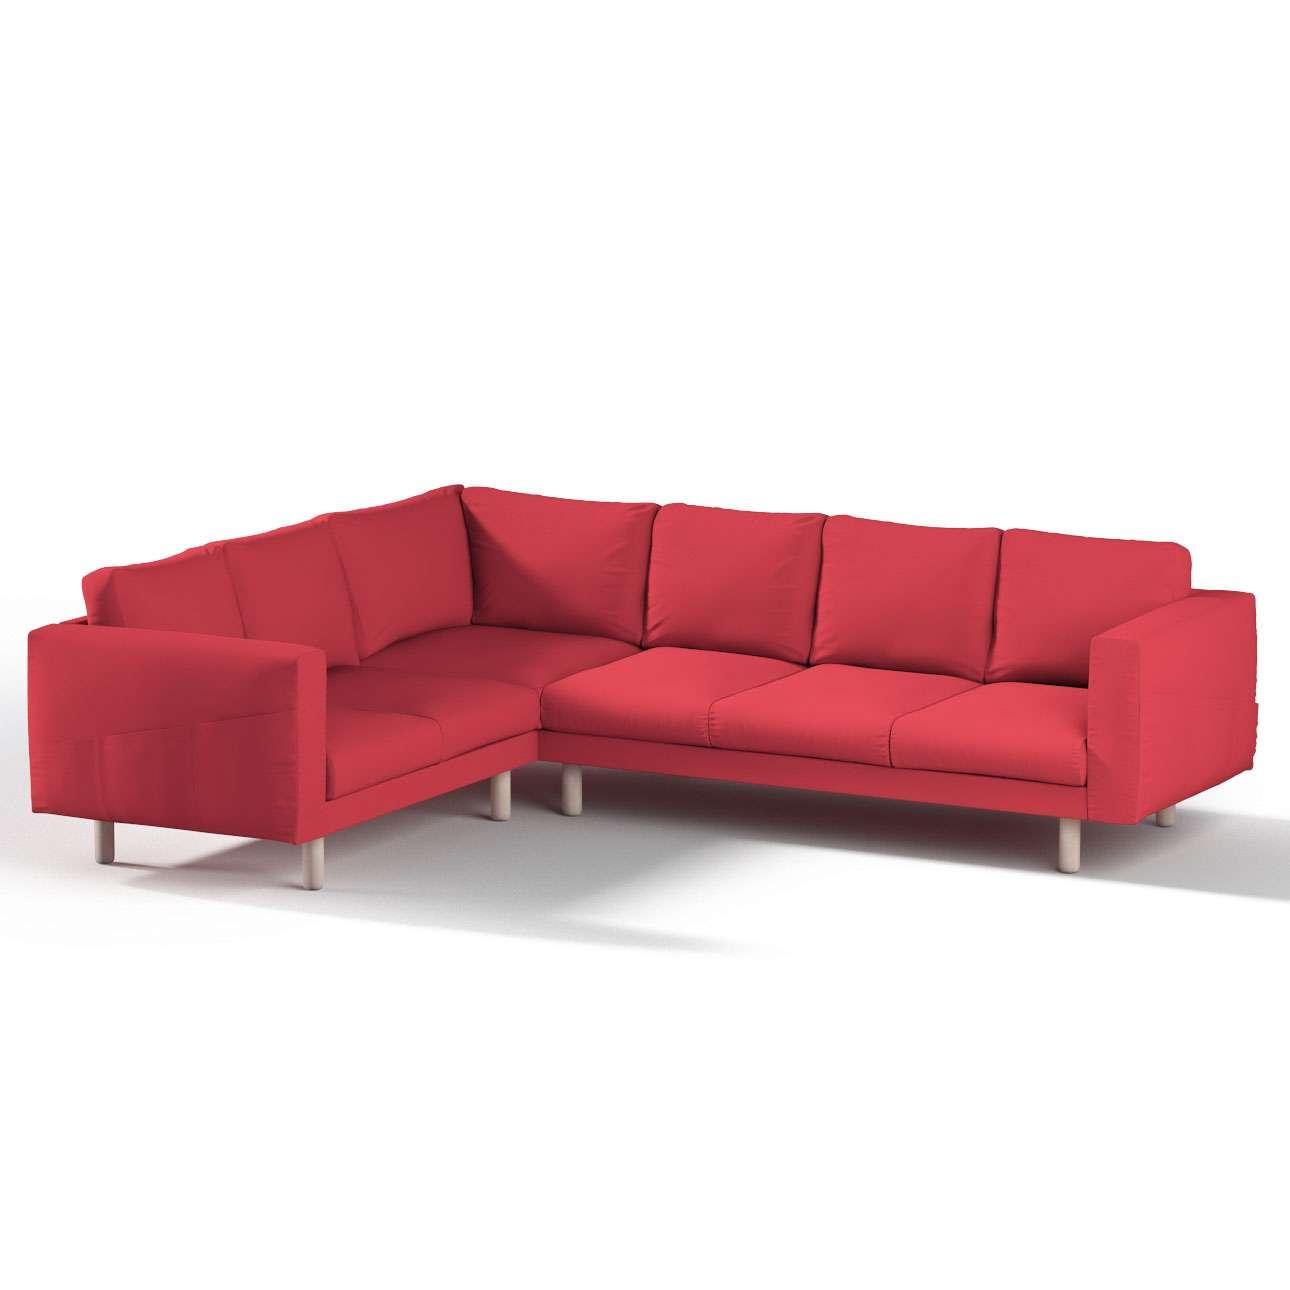 Pokrowiec na sofę narożną Norsborg 5-osobową w kolekcji Etna, tkanina: 705-60